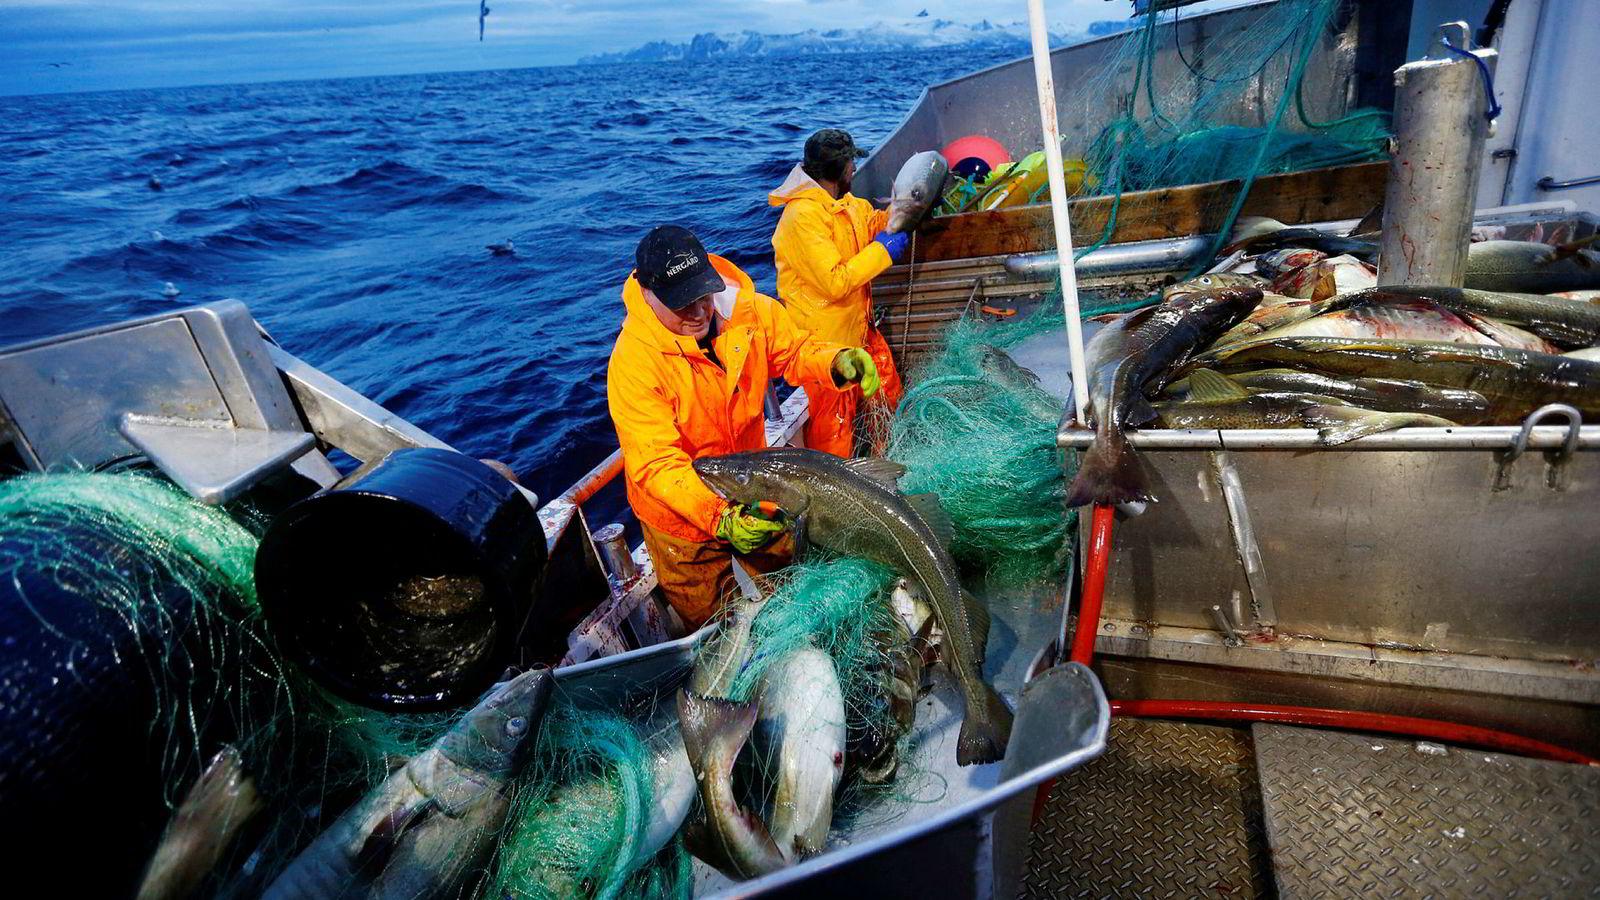 Mens flåten tjener gode penger, presses marginene i fiskeindustrien på grunn av økt konkurranse om råstoffet, skriver innleggsforfatteren. Her fra det årlige skreifisket ved Gryllefjord, Senja.